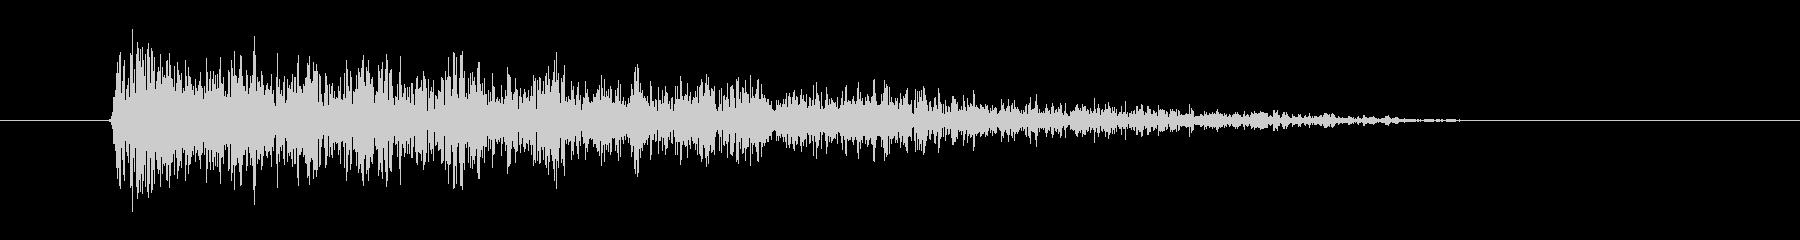 レーザー音-38-3の未再生の波形